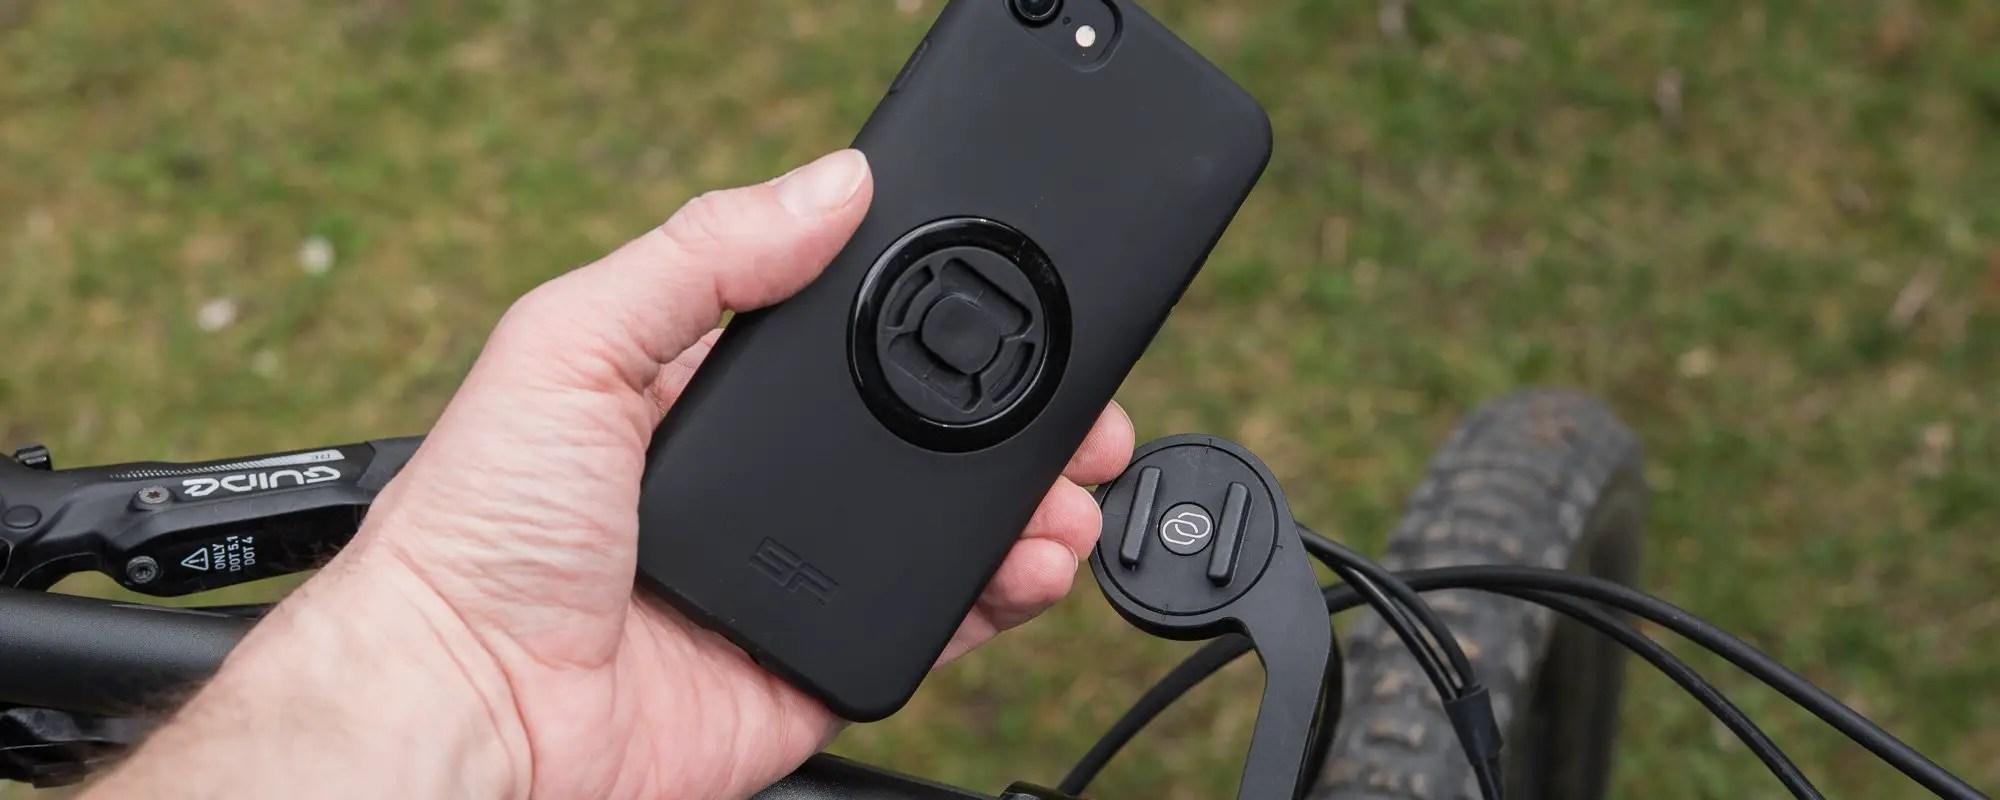 Sp Connect Halterung Im Test 187 Smartphone Stabil Am Lenker